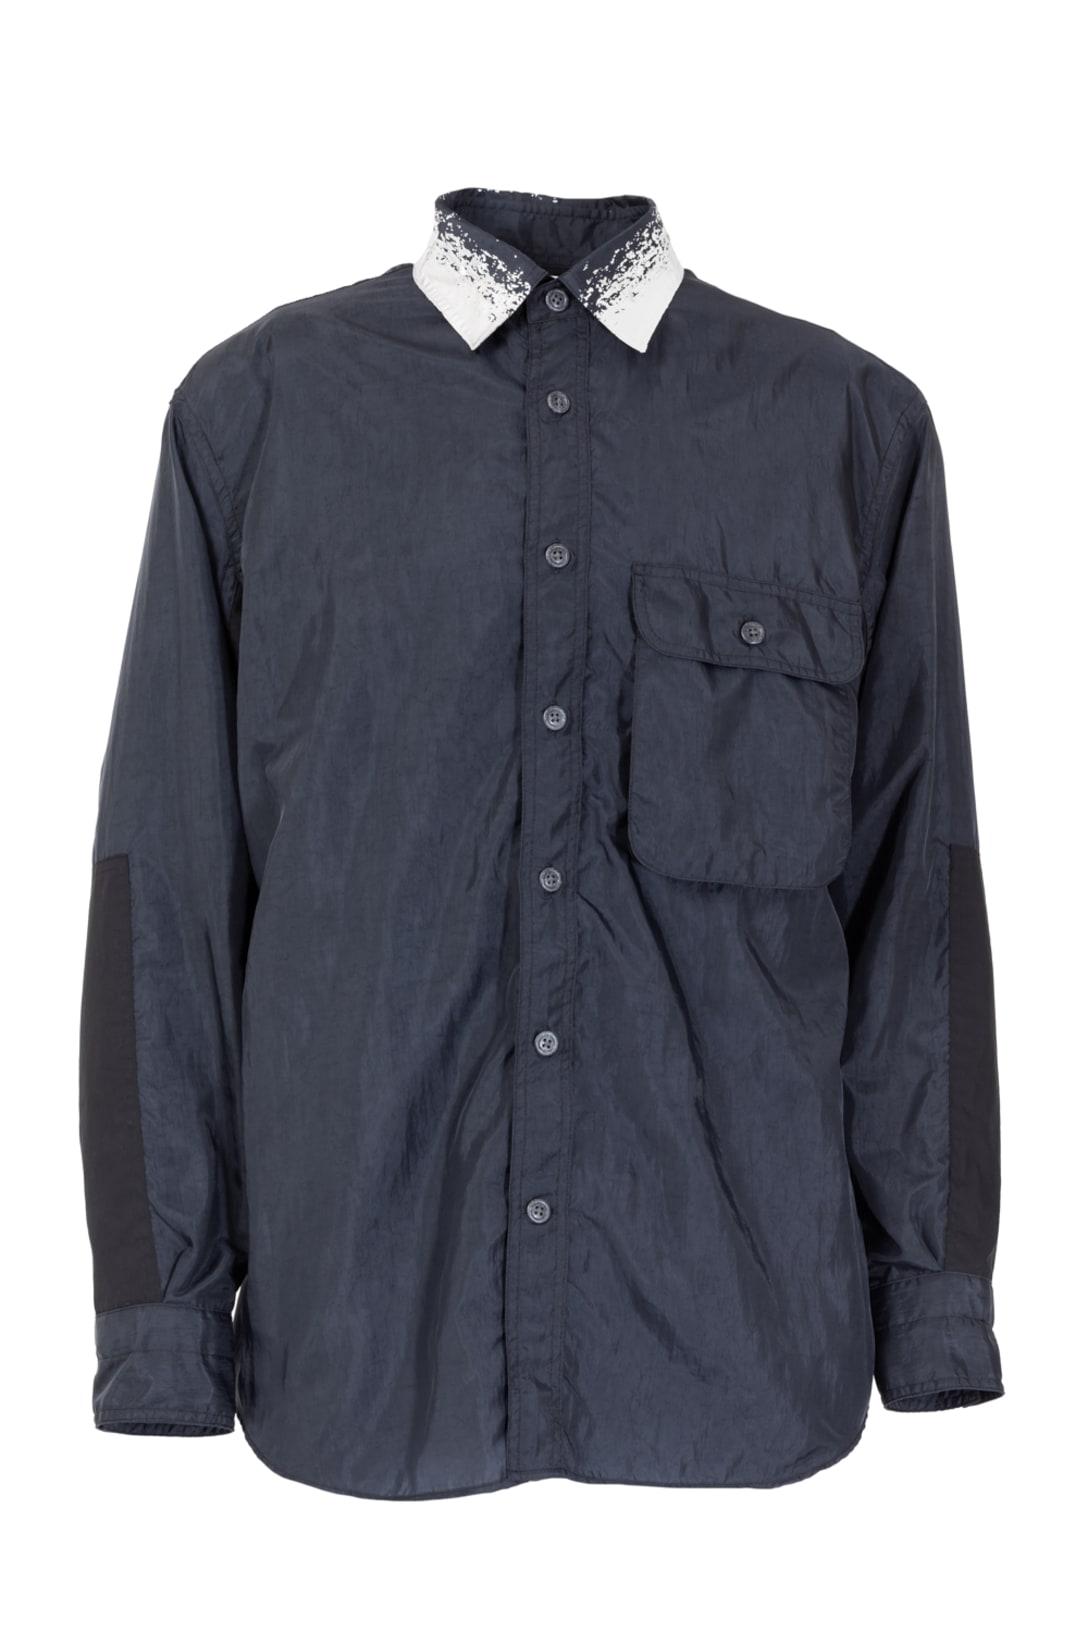 ポケッタブル オーバーシャツ(ホワイト・ブラック2色展開、各税別2万7000円)※写真はブラック